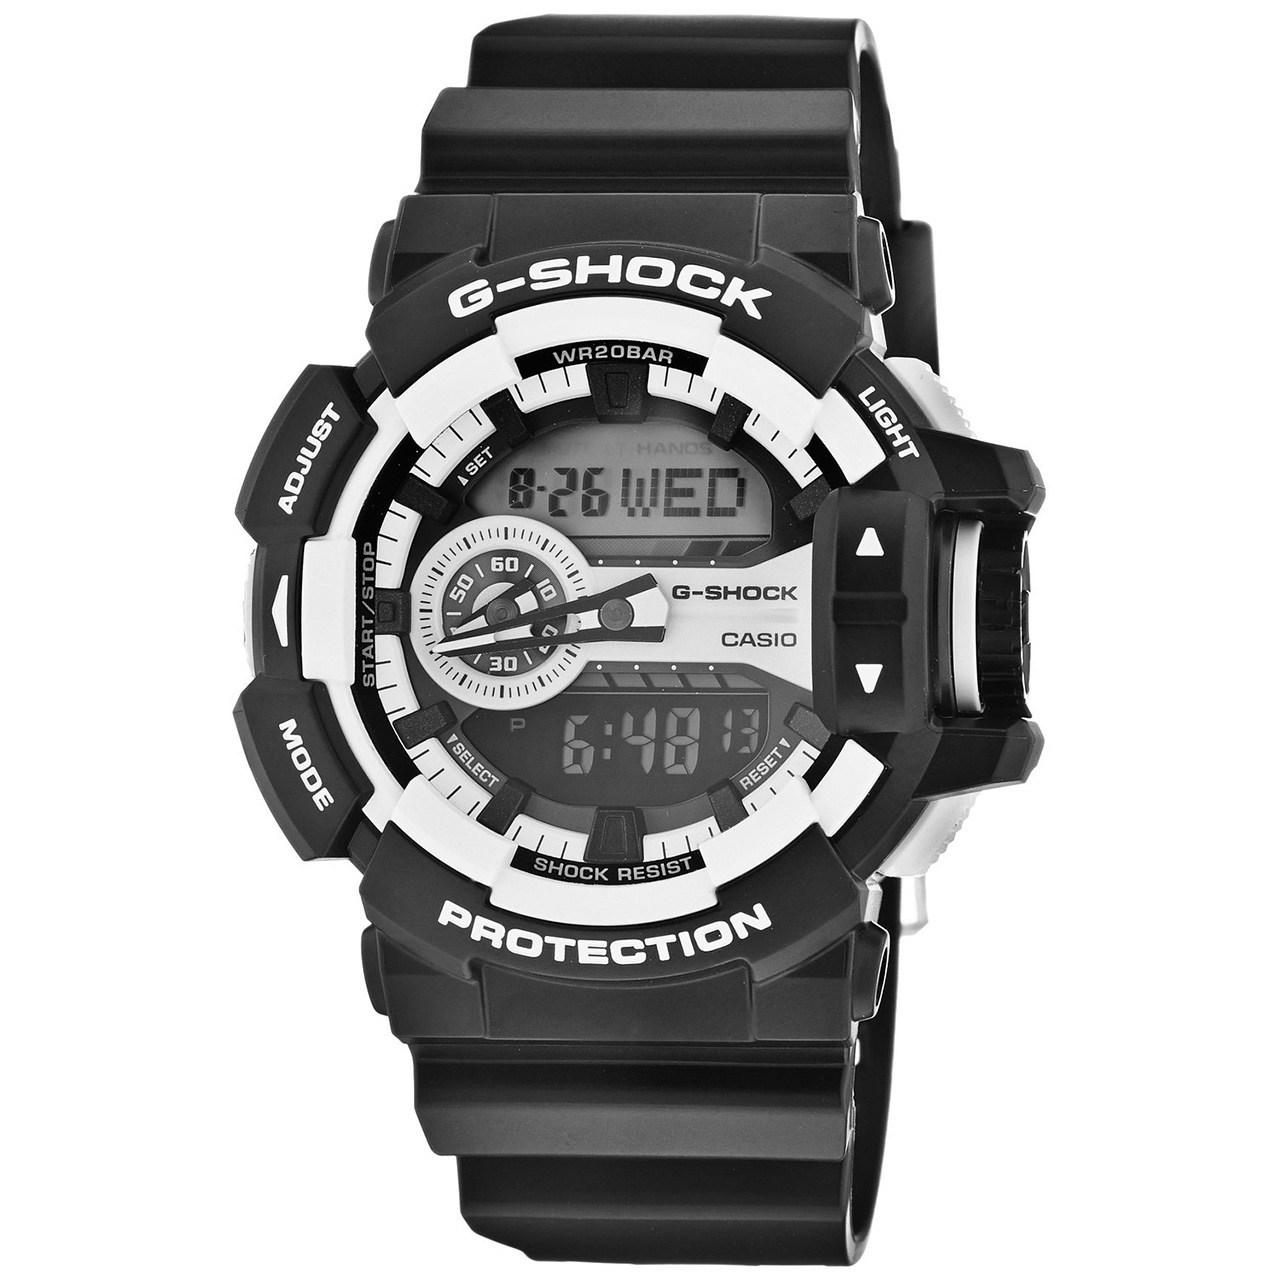 ساعت مچی عقربه ای مردانه کاسیو مدل G-Shock GA-400-1ADR